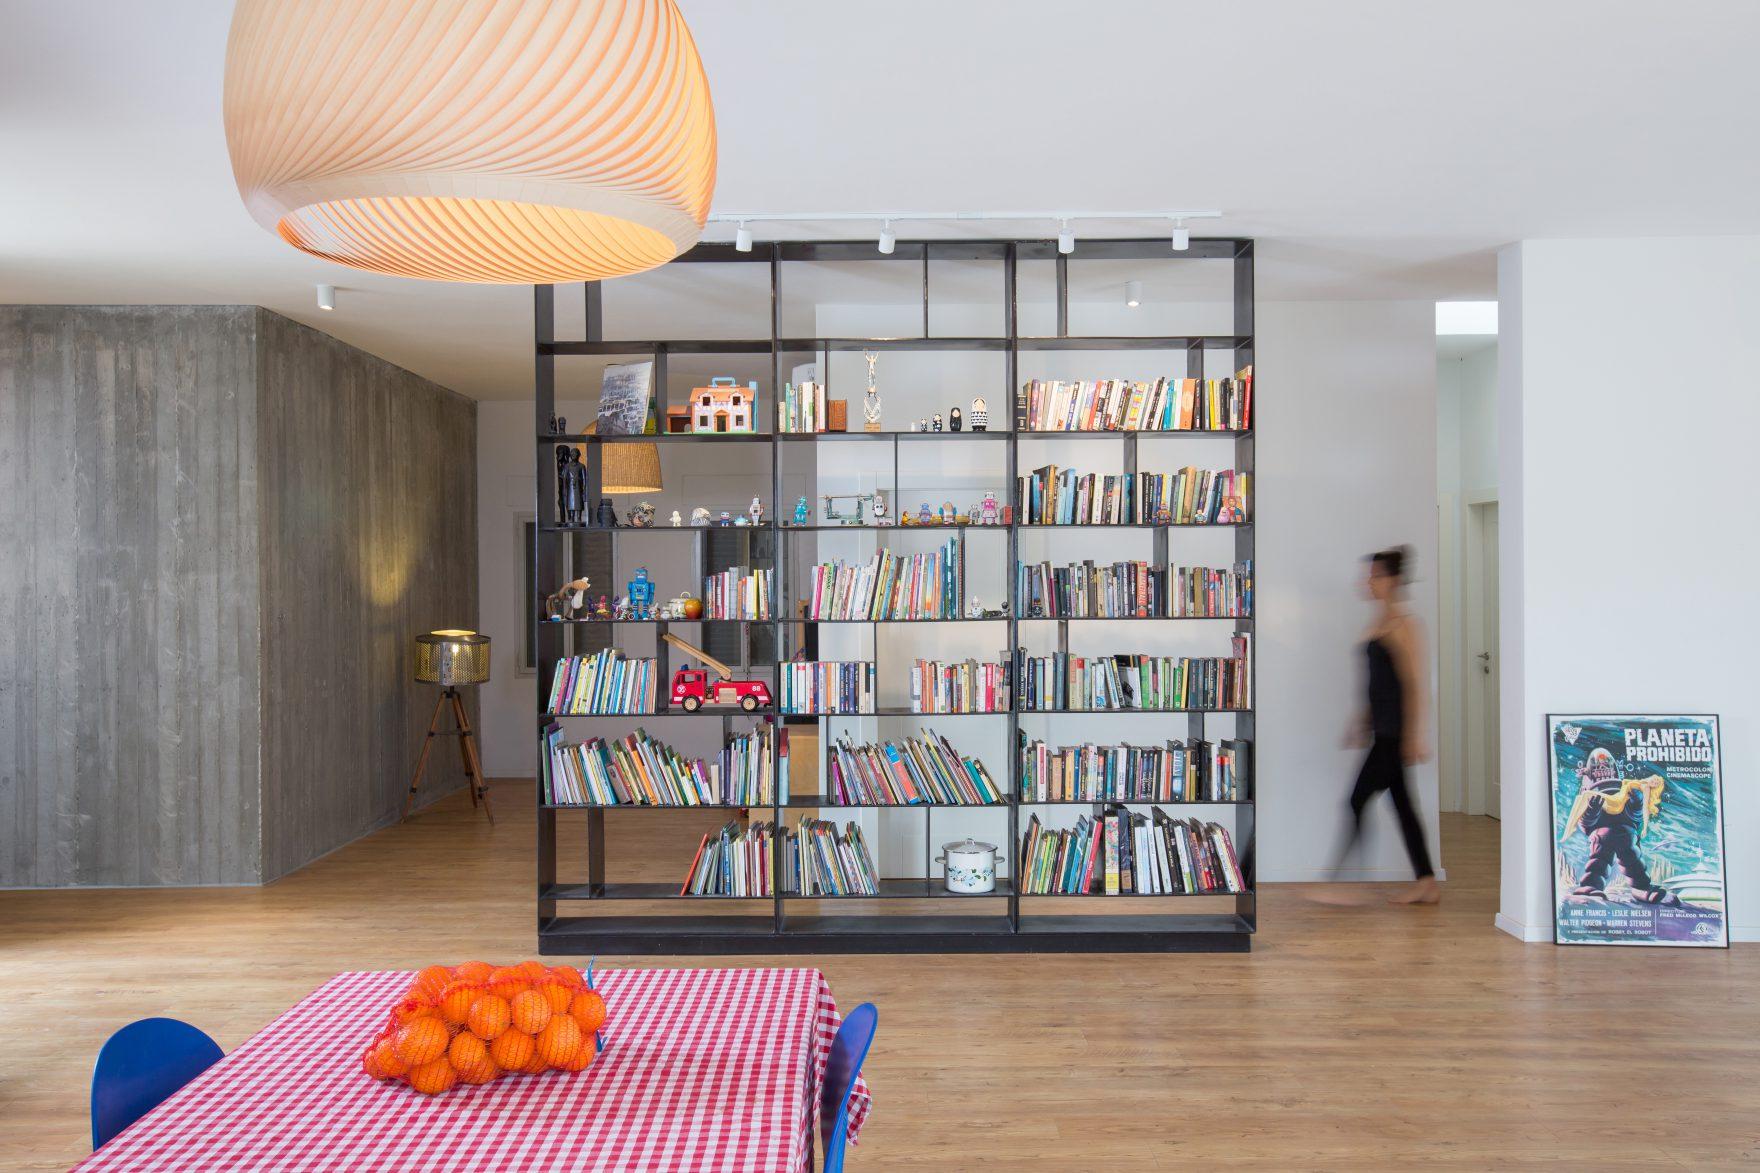 studio826_Library_01